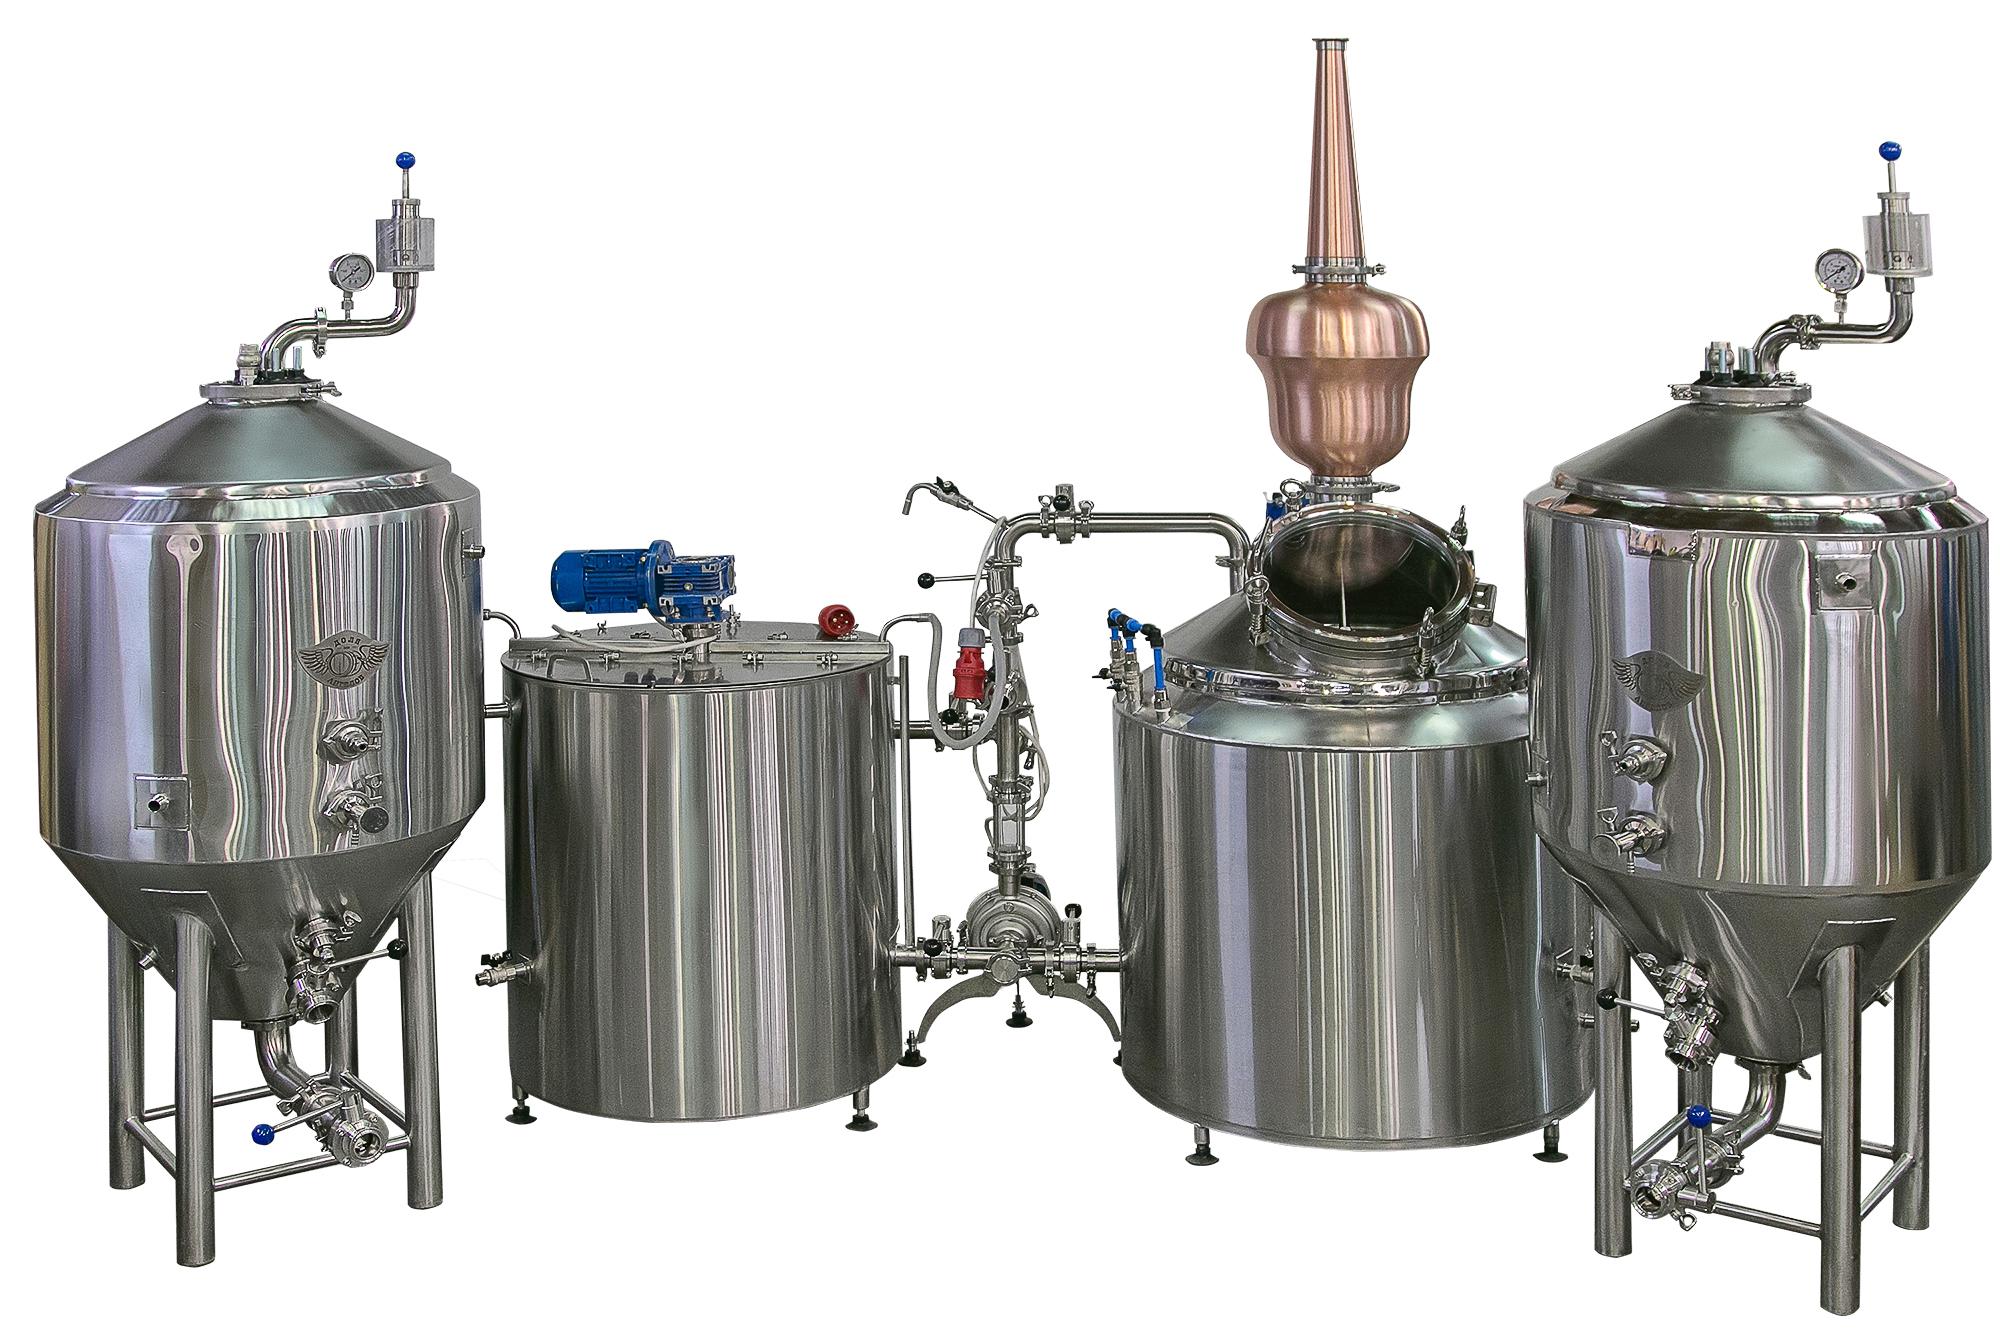 Все необходимое для организации домашней пивоварни